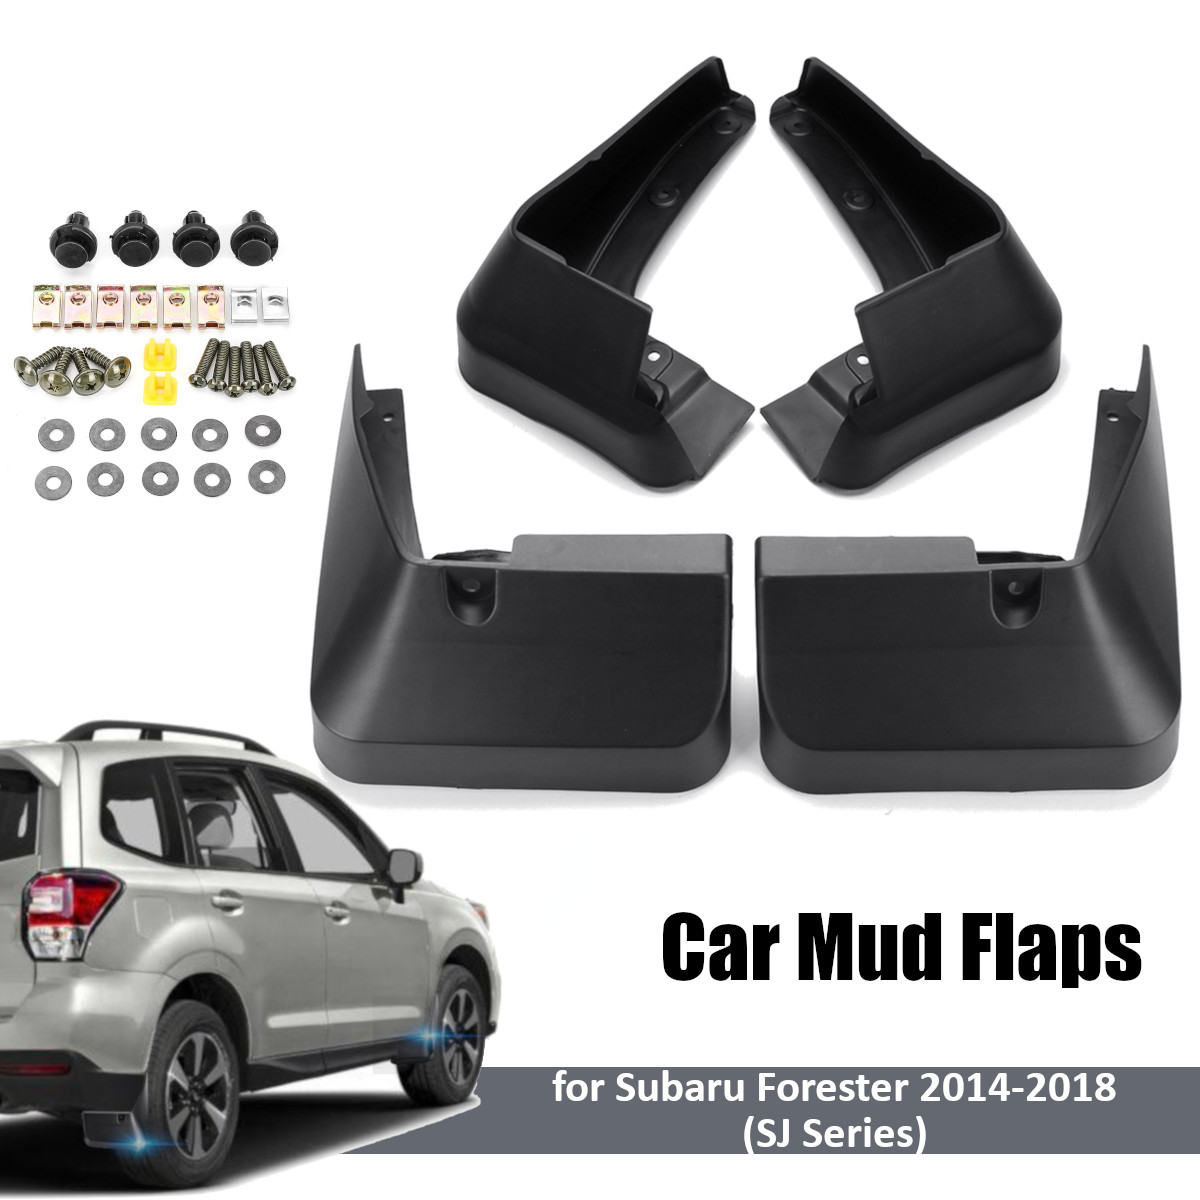 SJ 4 pcs Car Fender Flares para Subaru Forester 2014 2015 2016 2017 Frente Traseiro Lamas do Respingo Guardas Mud Flaps mudflap